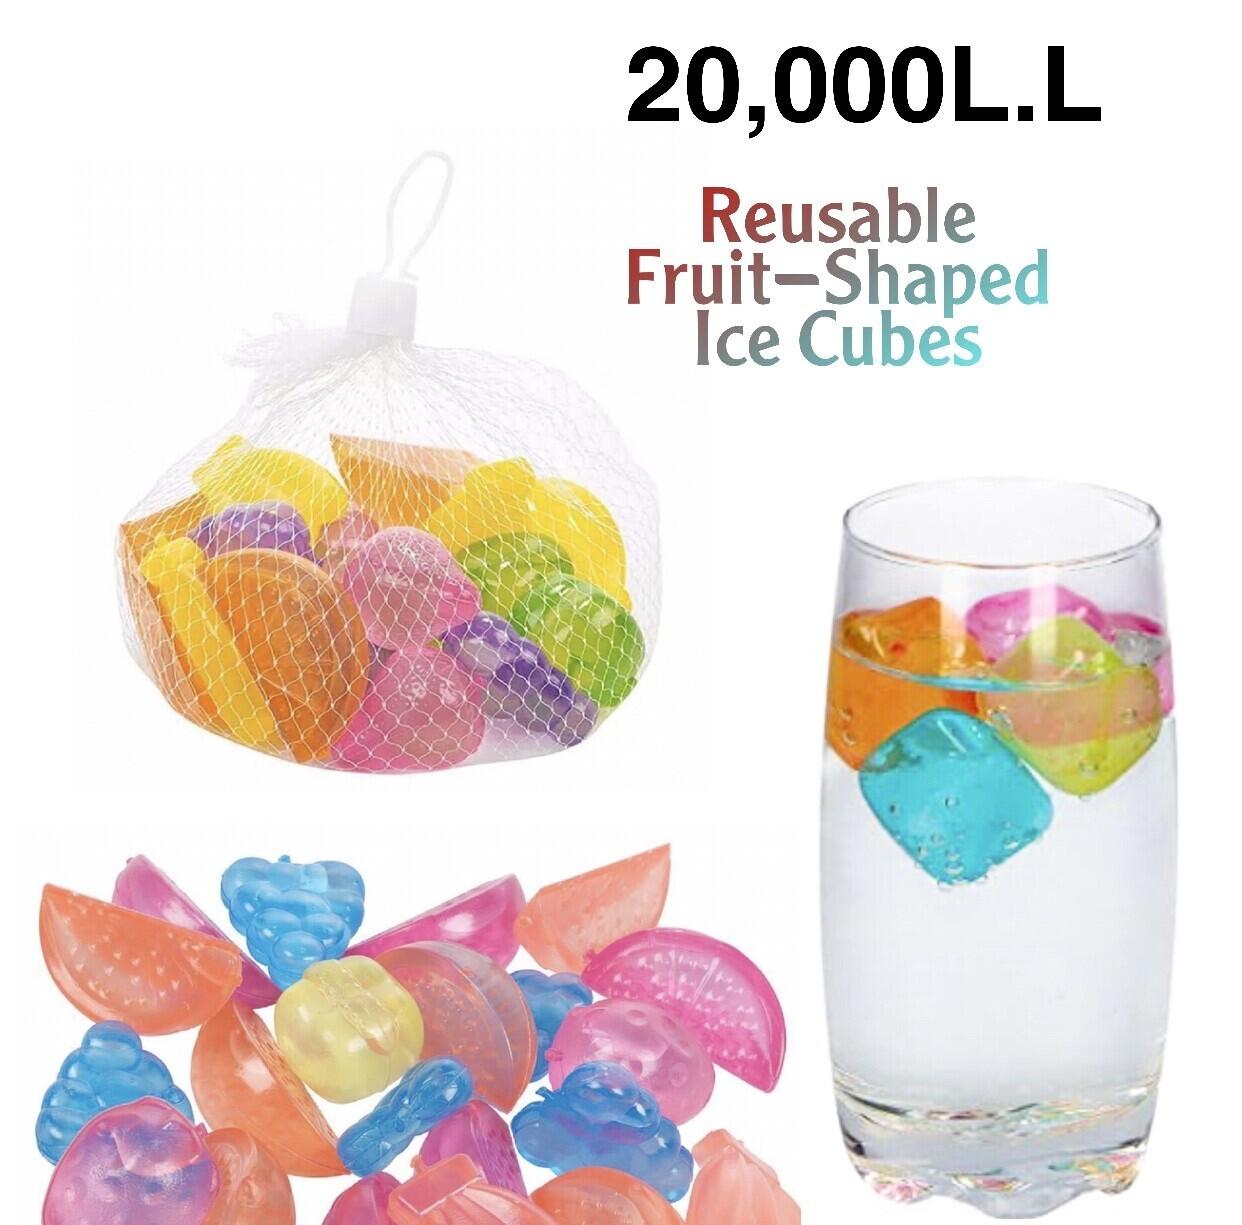 Fruit Shaped Ice Cubes